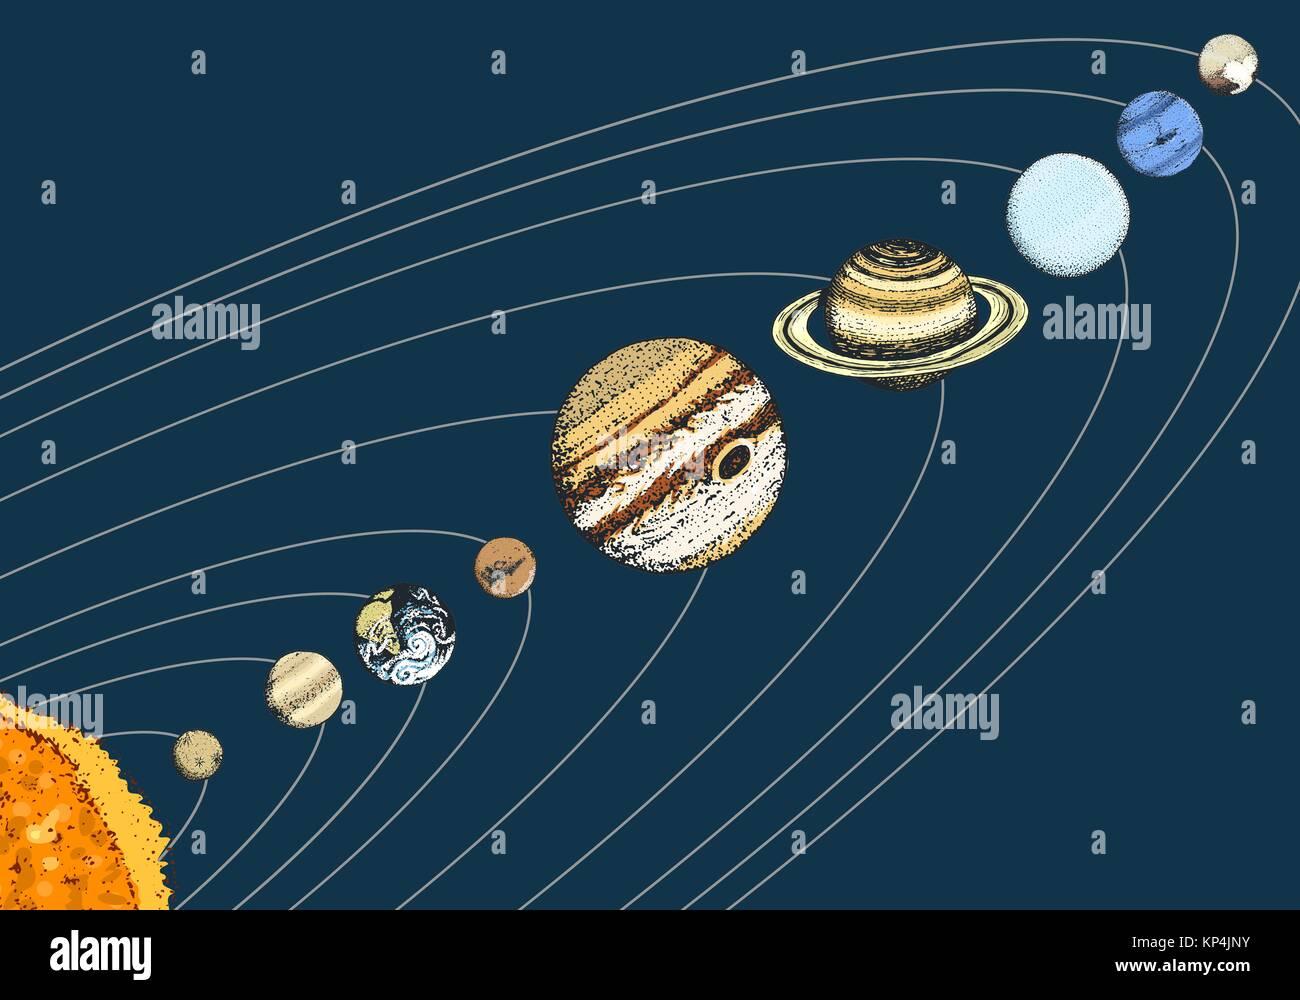 Planeten Im Sonnensystem Mond Und Die Sonne Merkur Erde Mars Und